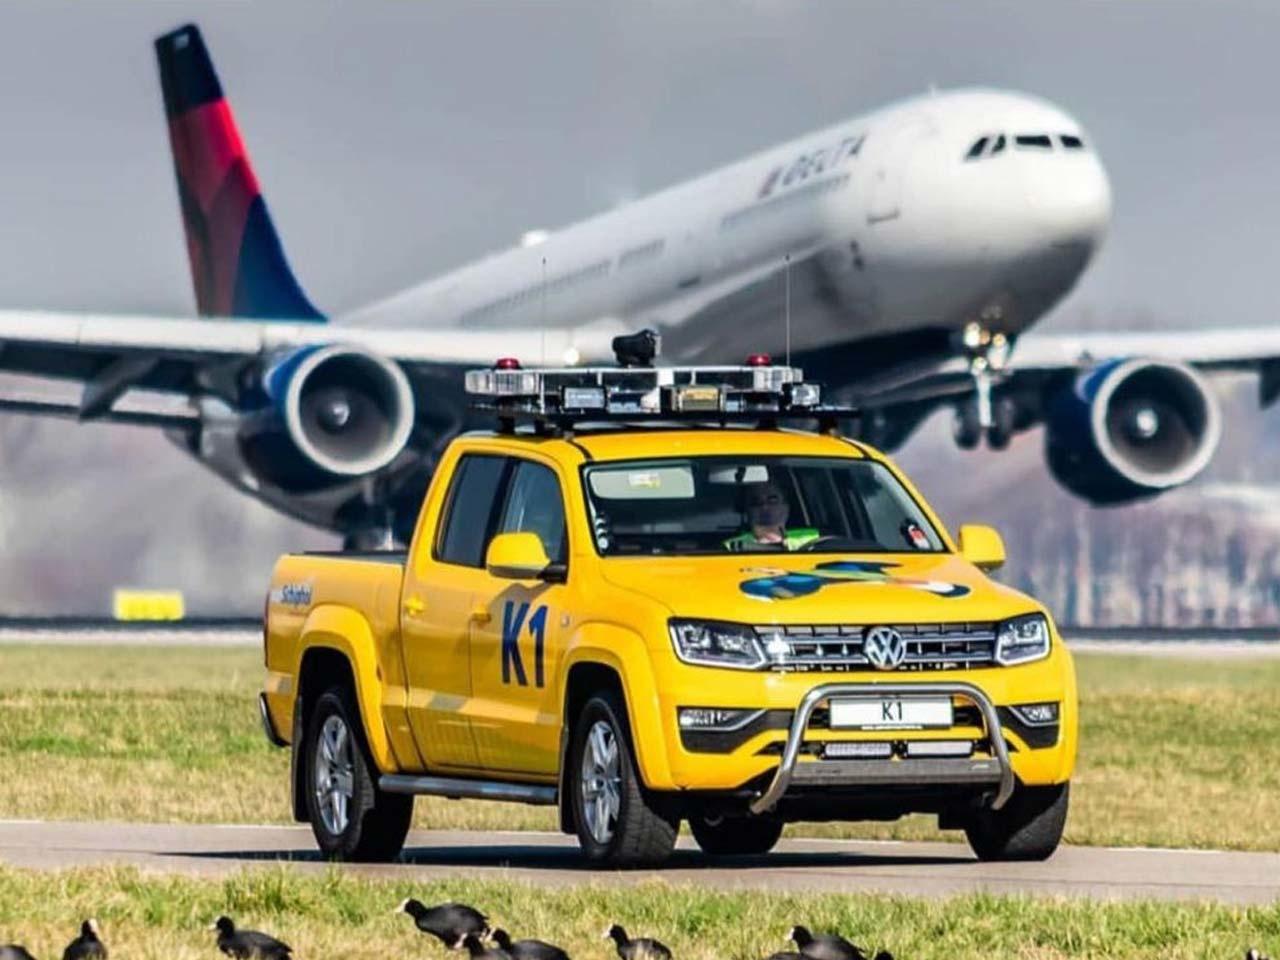 Het vogelafweer systeem van Alcetsound in werking op luchthaven Schiphol